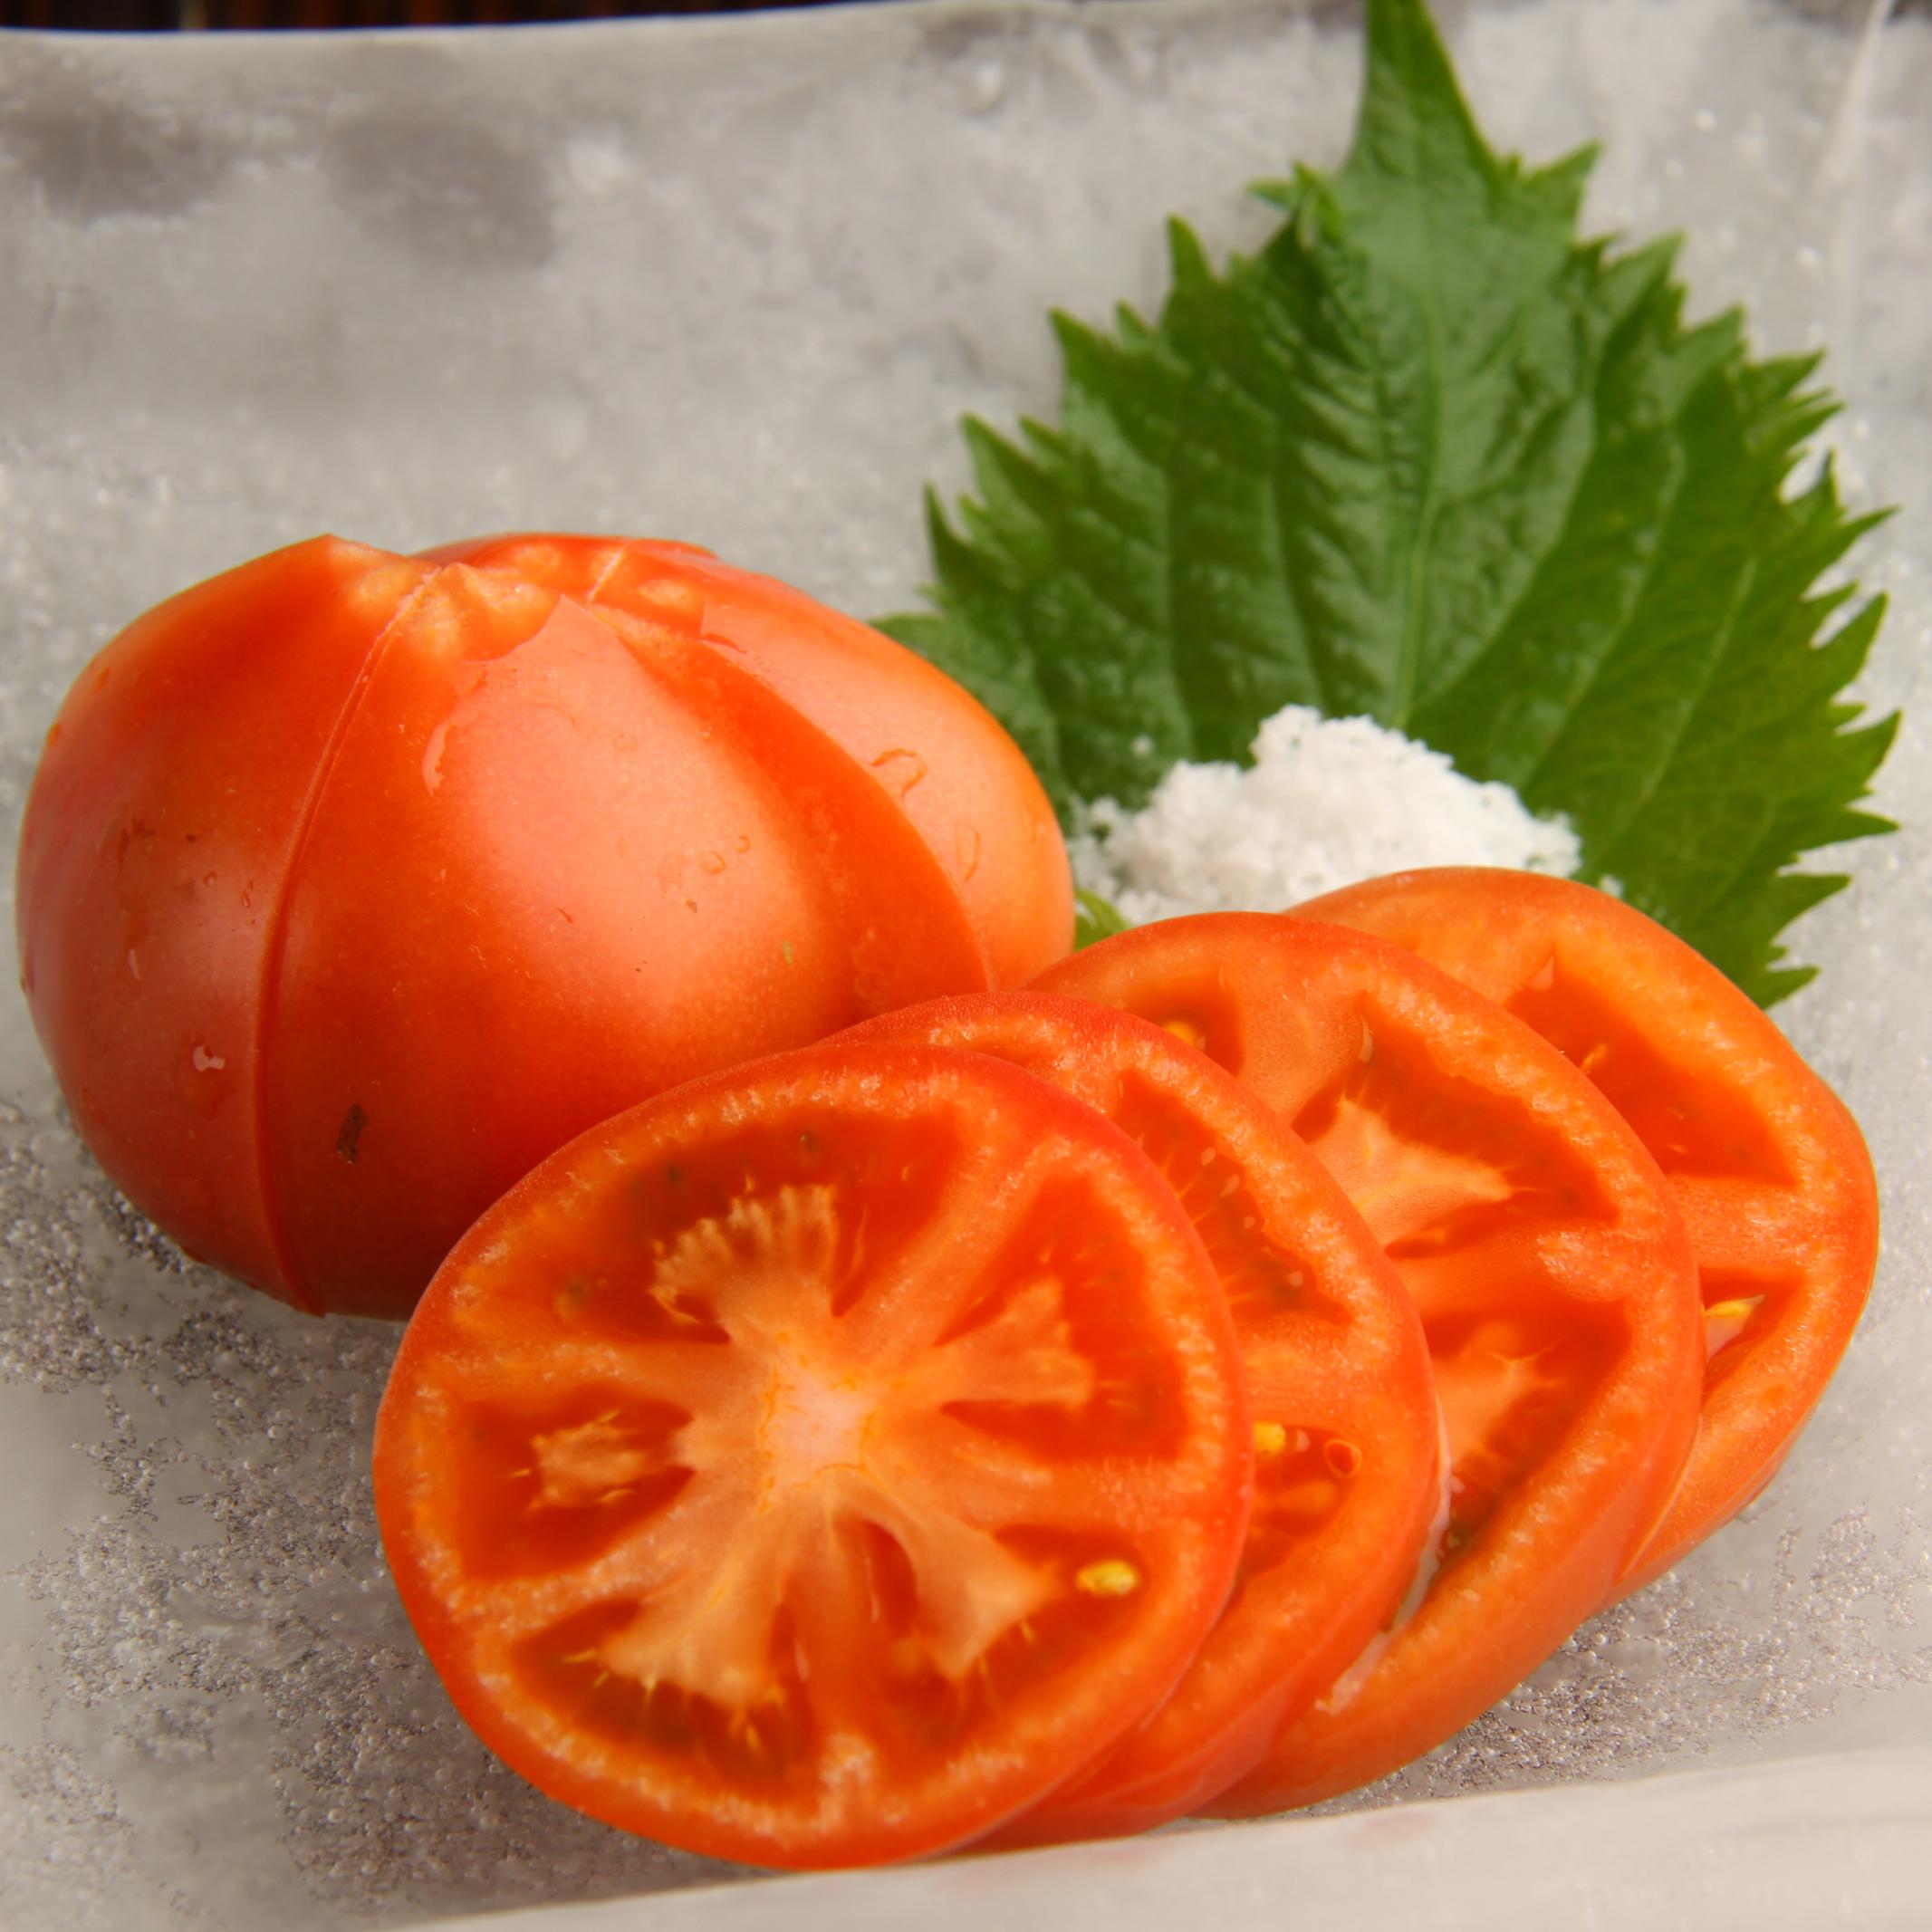 栃木県 那須塩原ブランド   味恋トマト